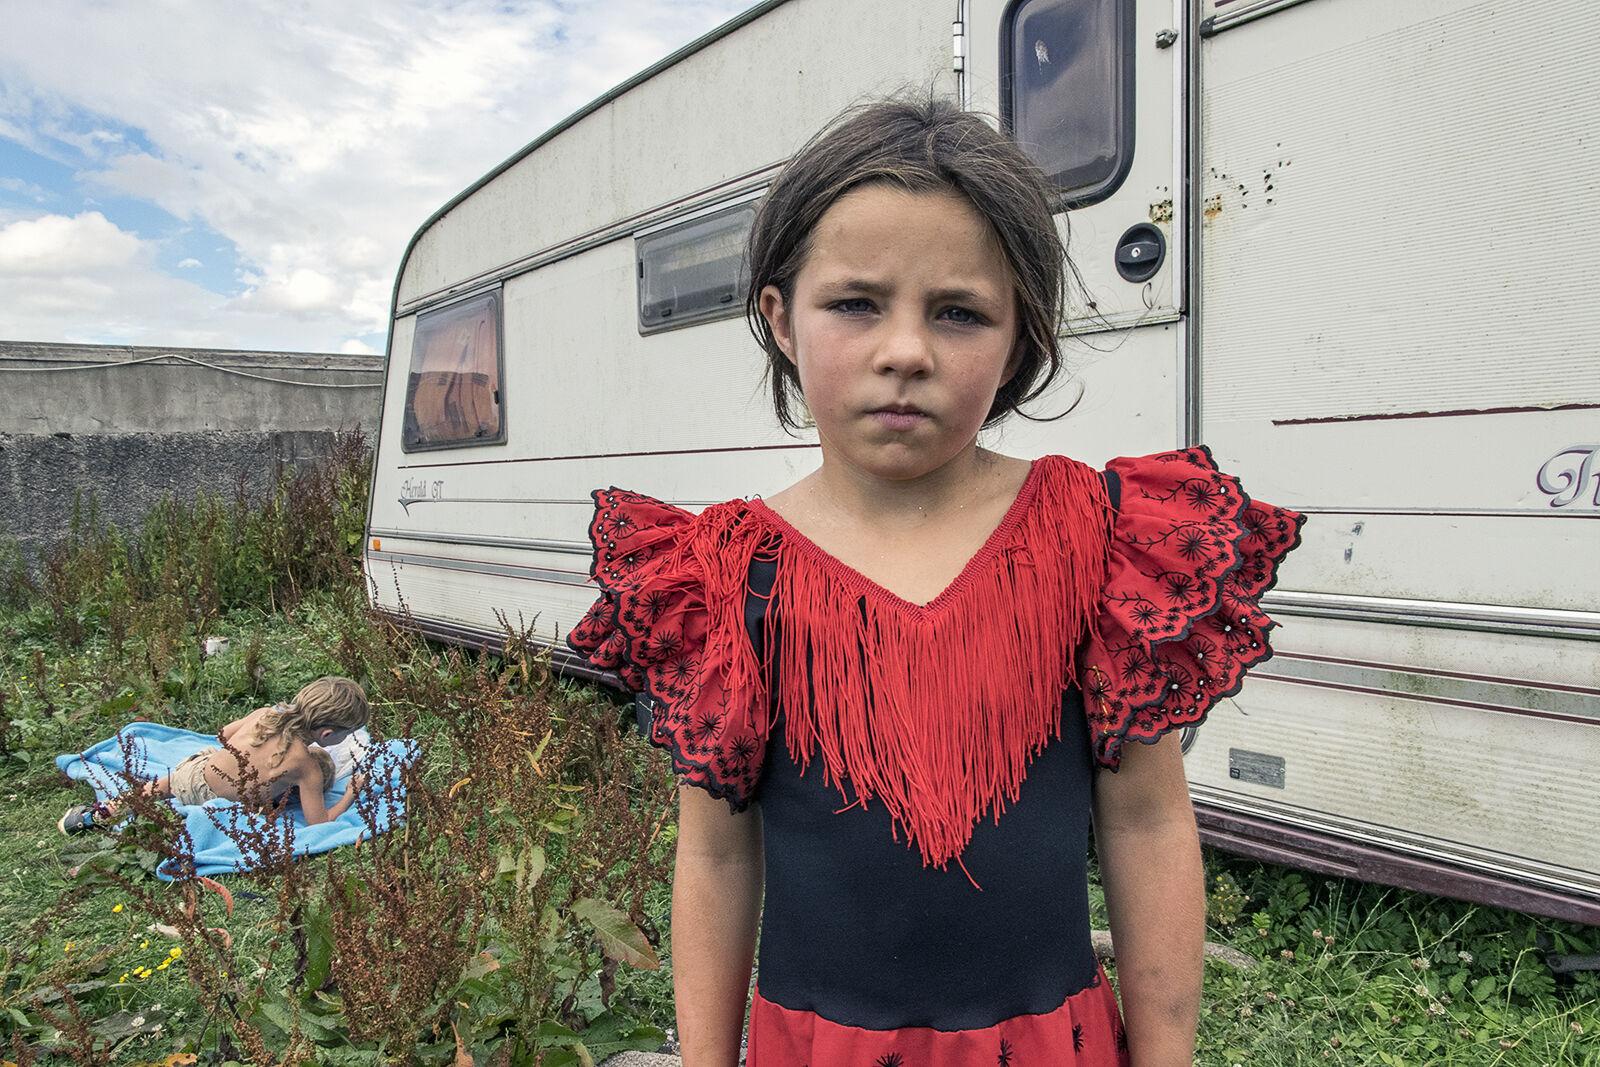 Nikita in Red Gypsy Dress, Tipperary, Ireland 2018